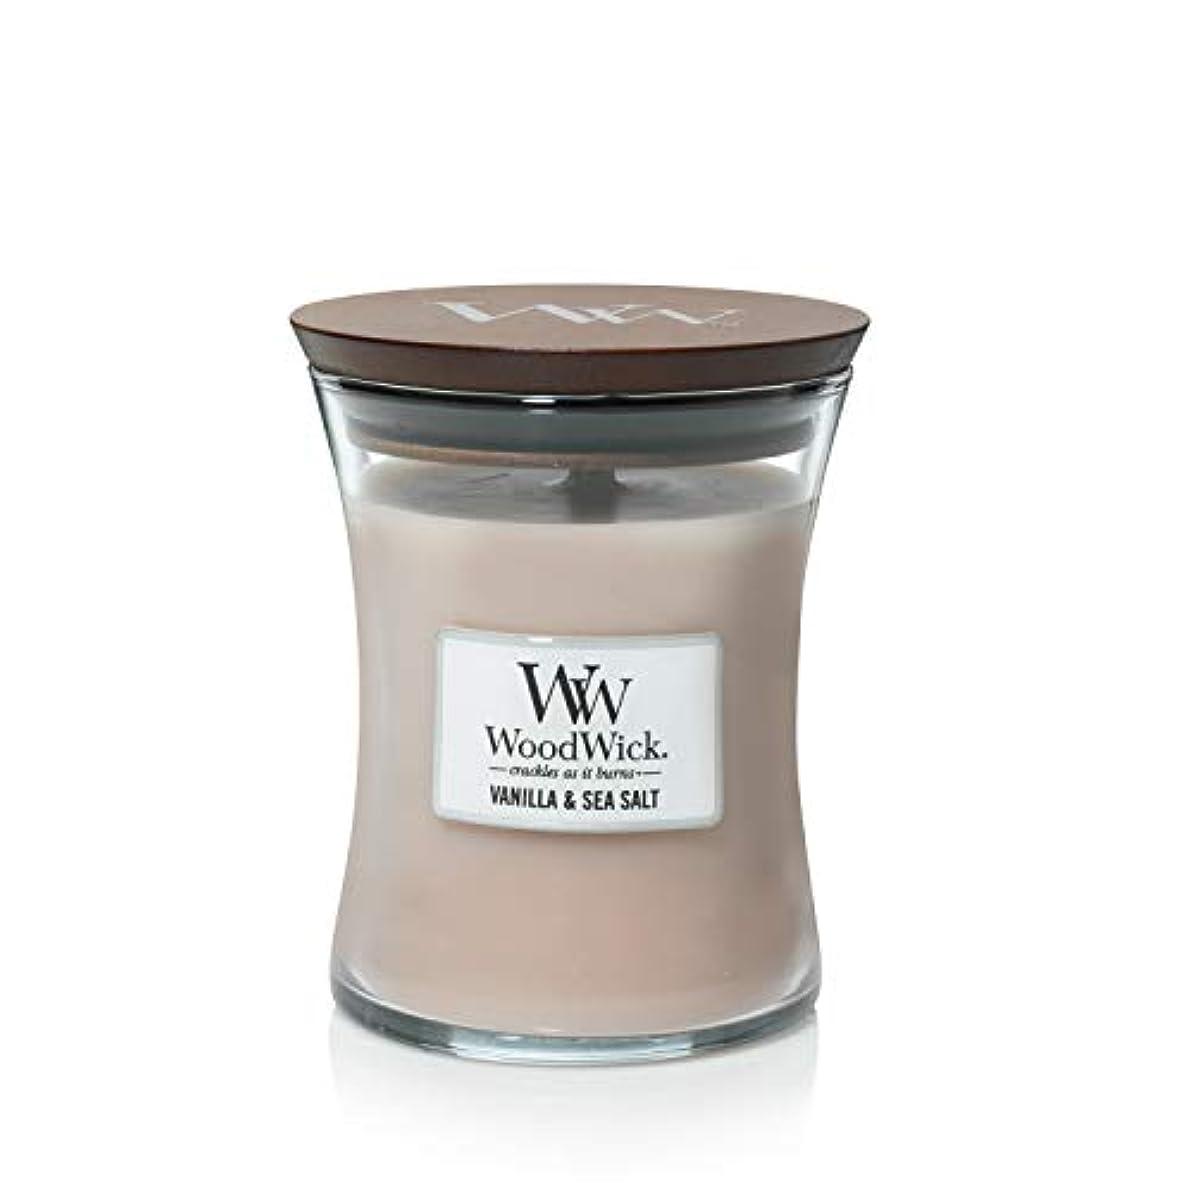 温かい符号いちゃつくバニラSea Salt WoodWick 10 oz Medium砂時計Jar Candle Burns 100時間